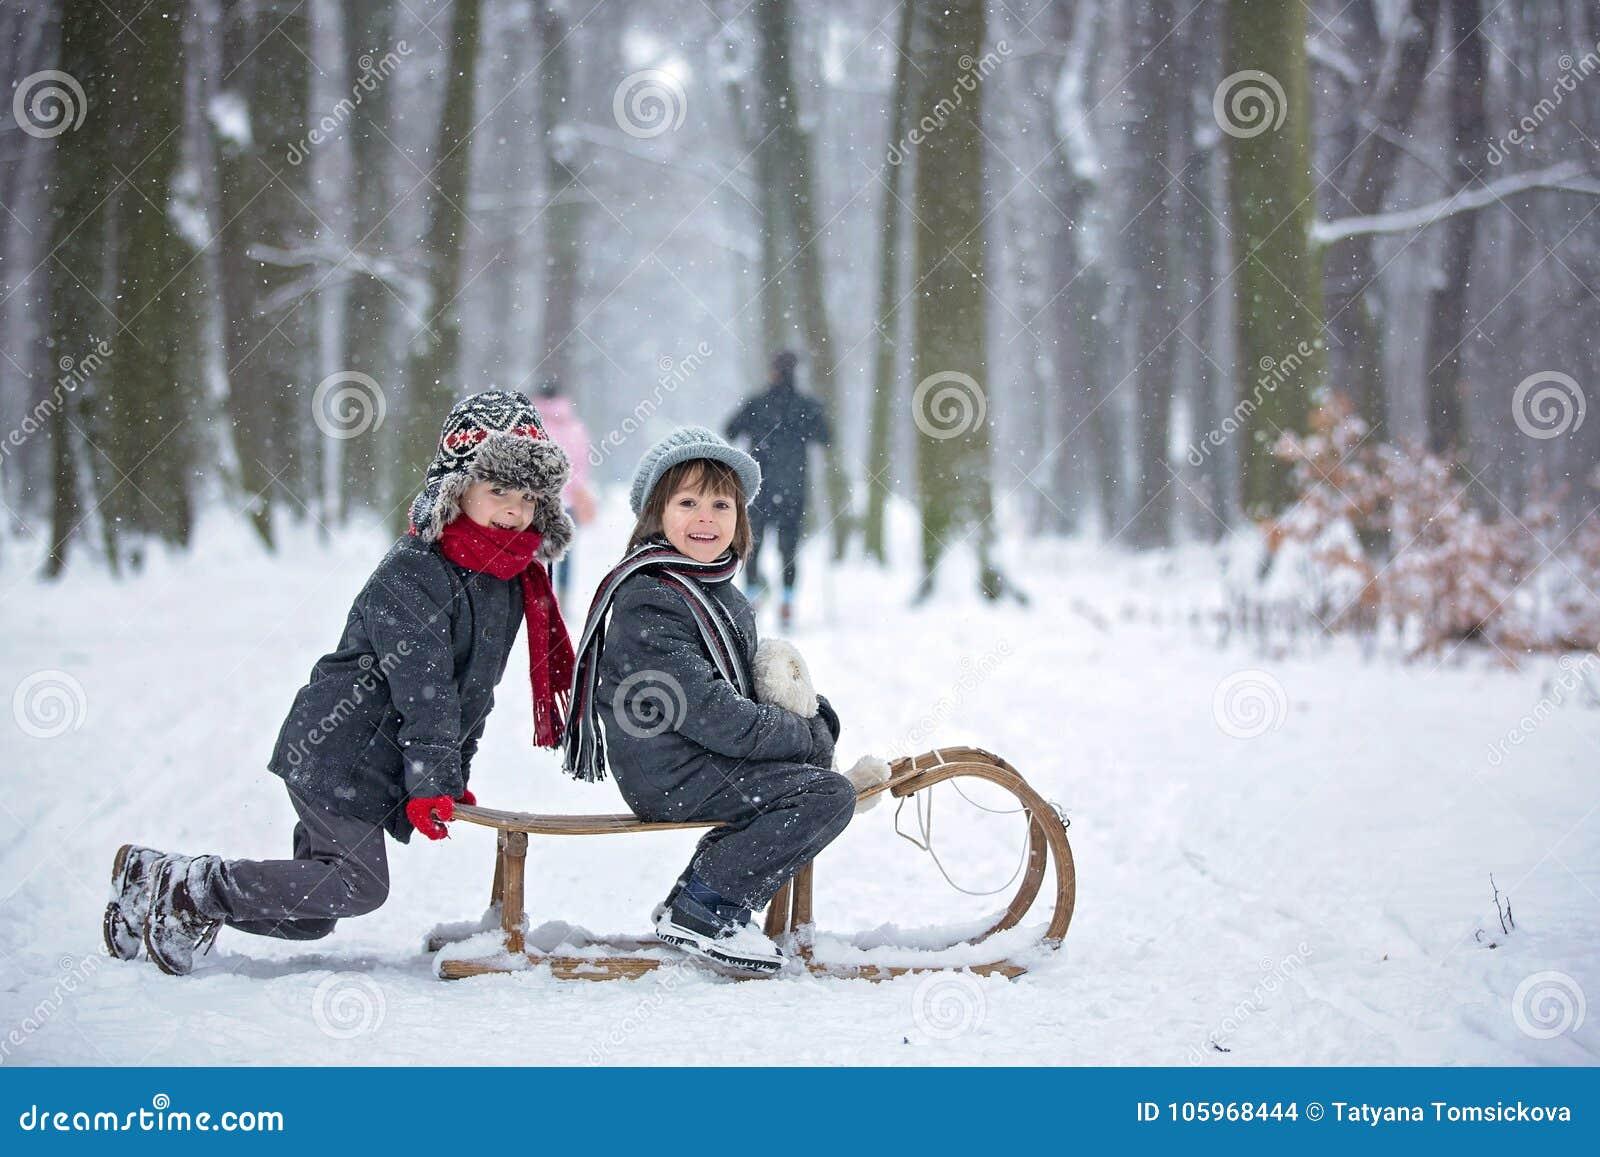 Szczęśliwi dzieci w zima parku, bawić się wraz z saneczki